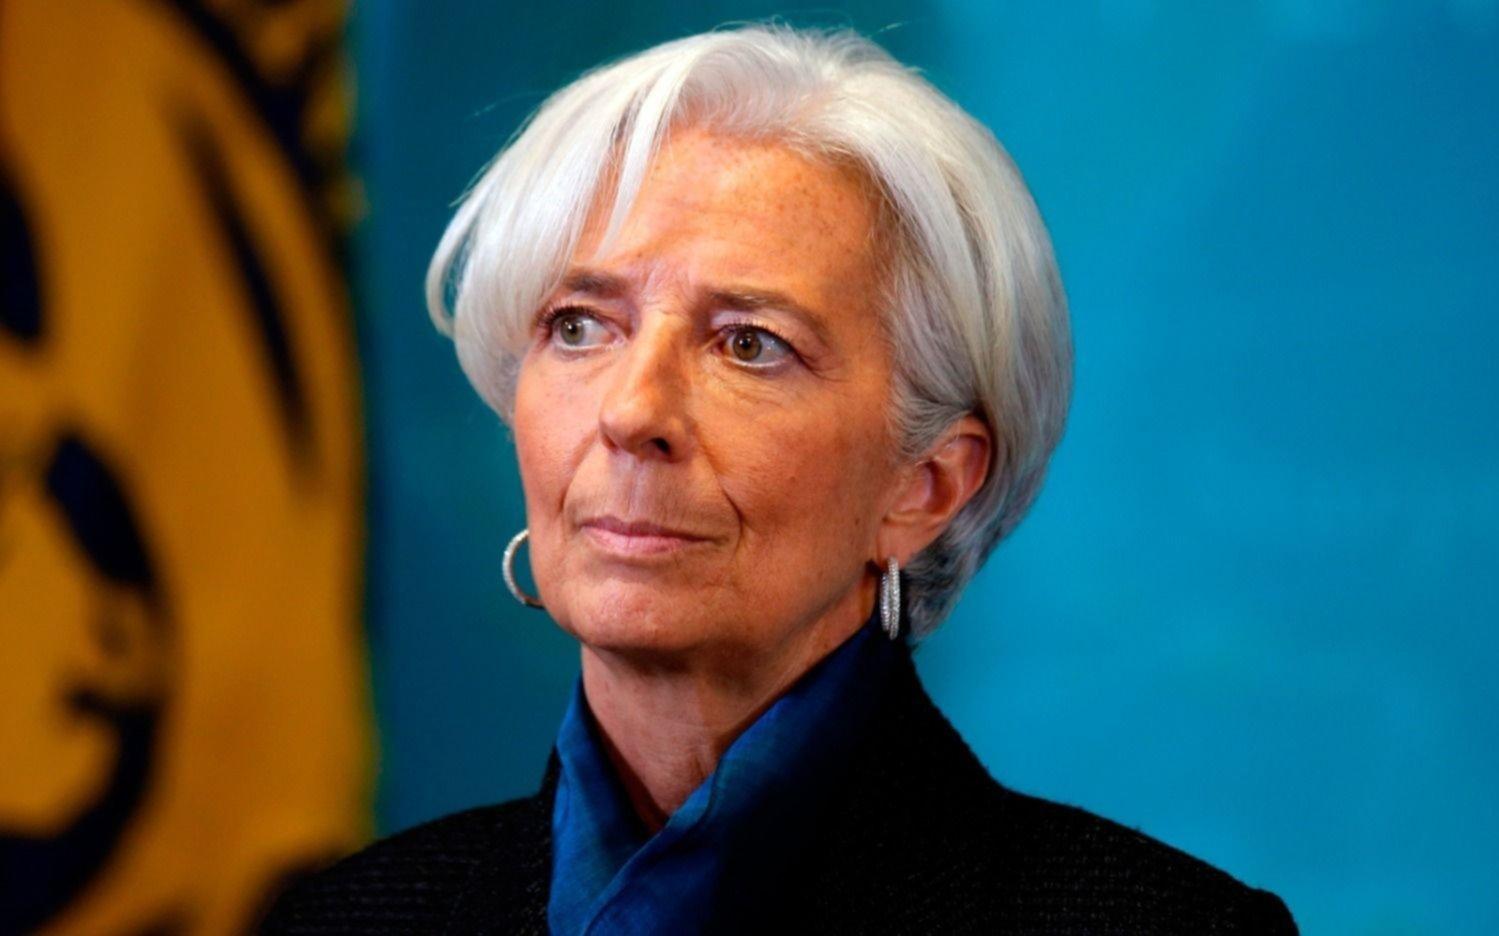 La tregua cambiaria, una leve recuperación y la advertencia del FMI trajeron algo de calma